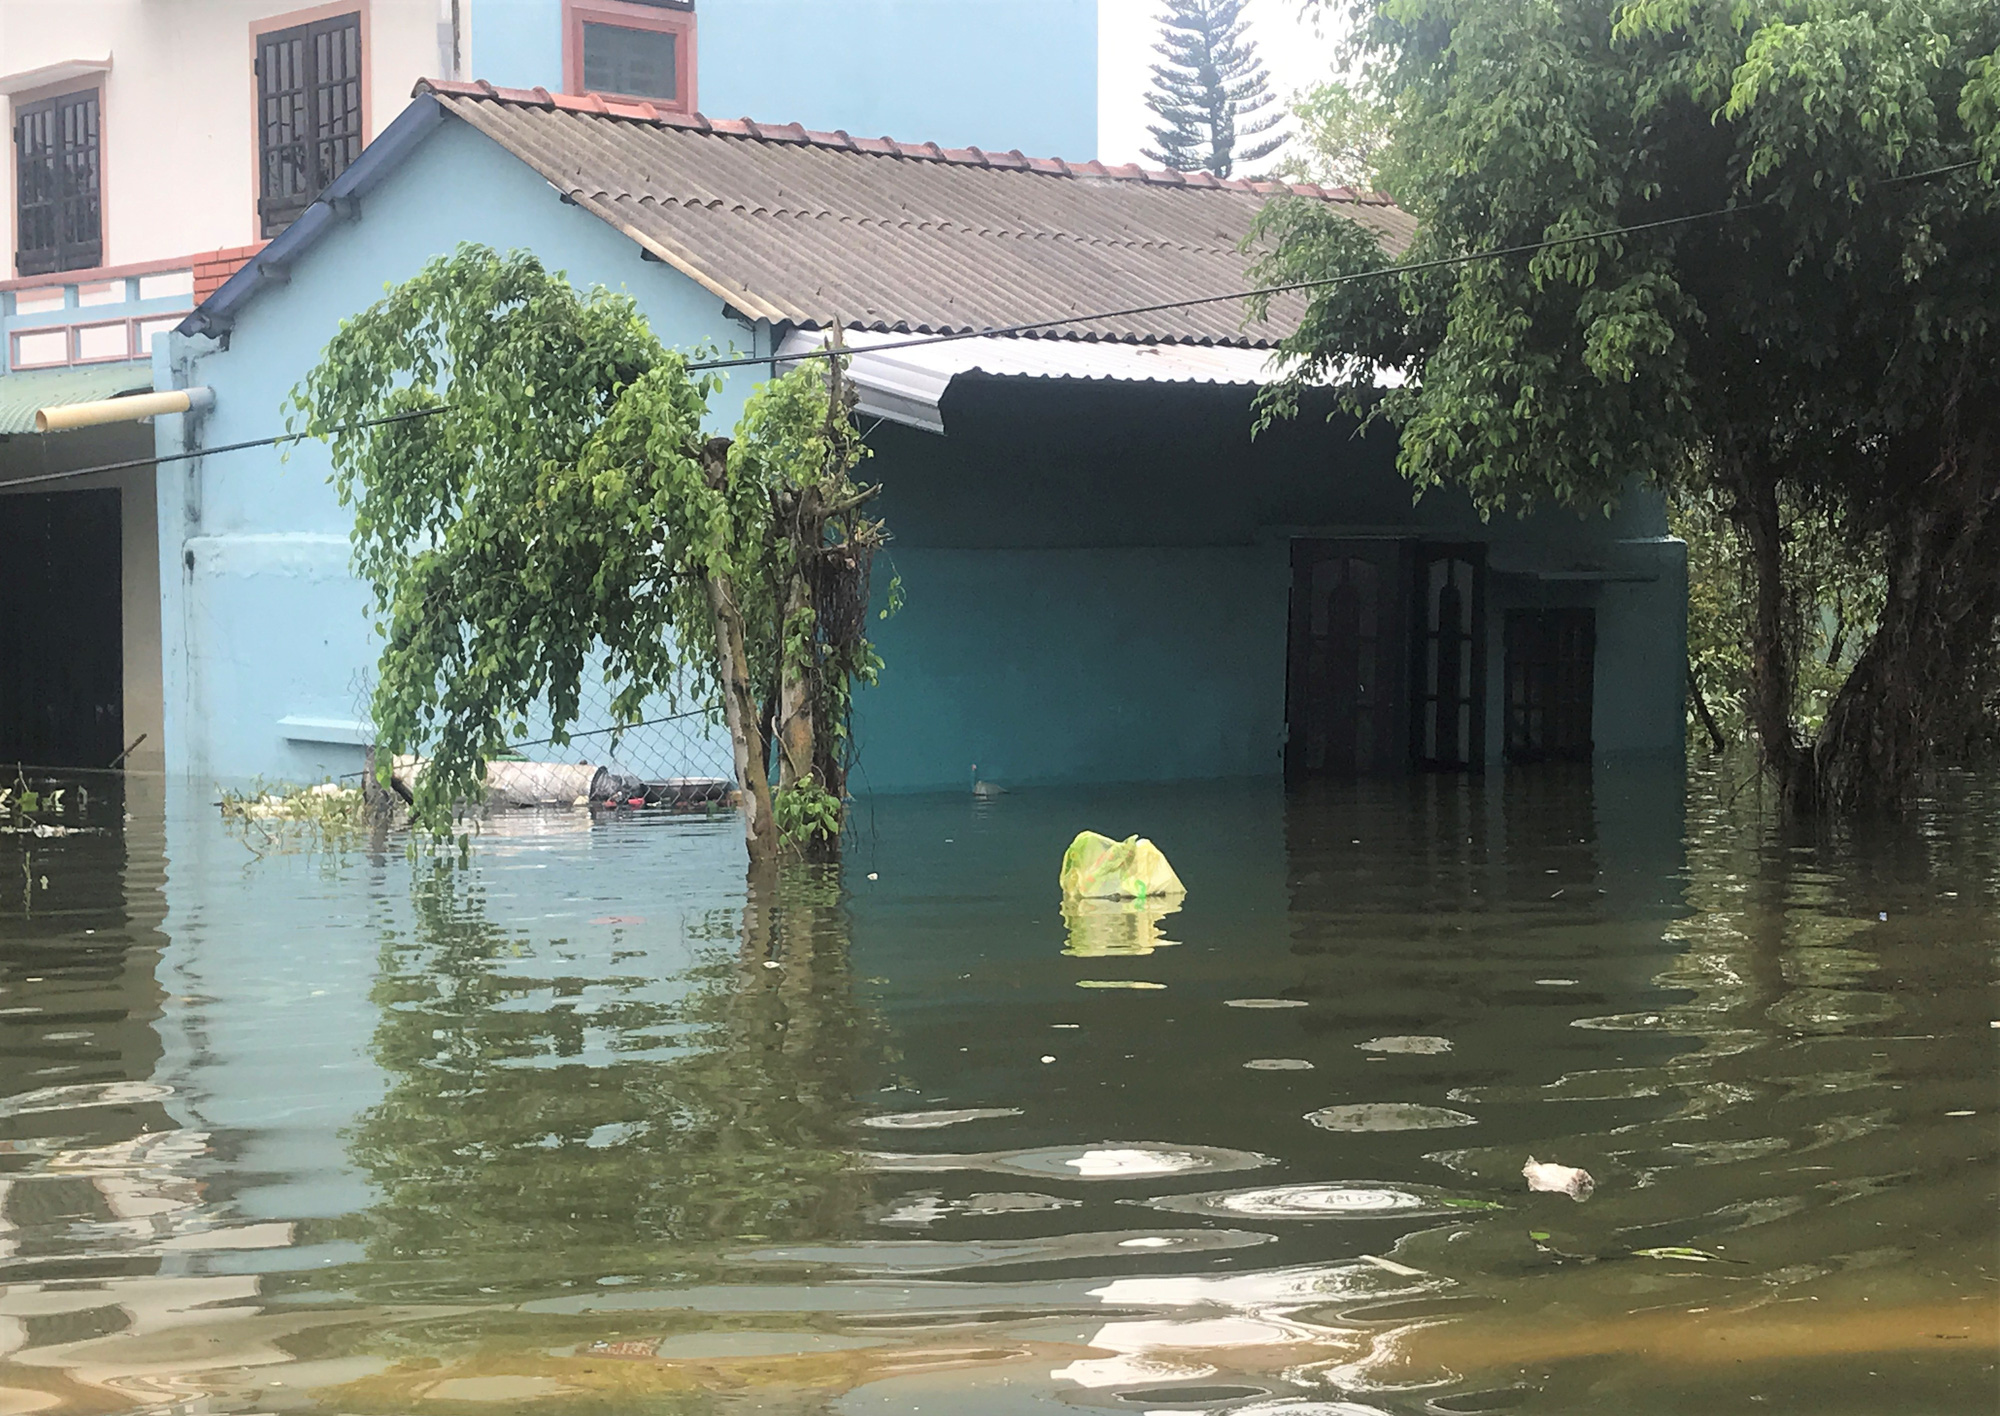 VIDEO: Lũ lụt biến khu nghỉ dưỡng 4 sao thành nơi đánh cá lý tưởng - Ảnh 4.